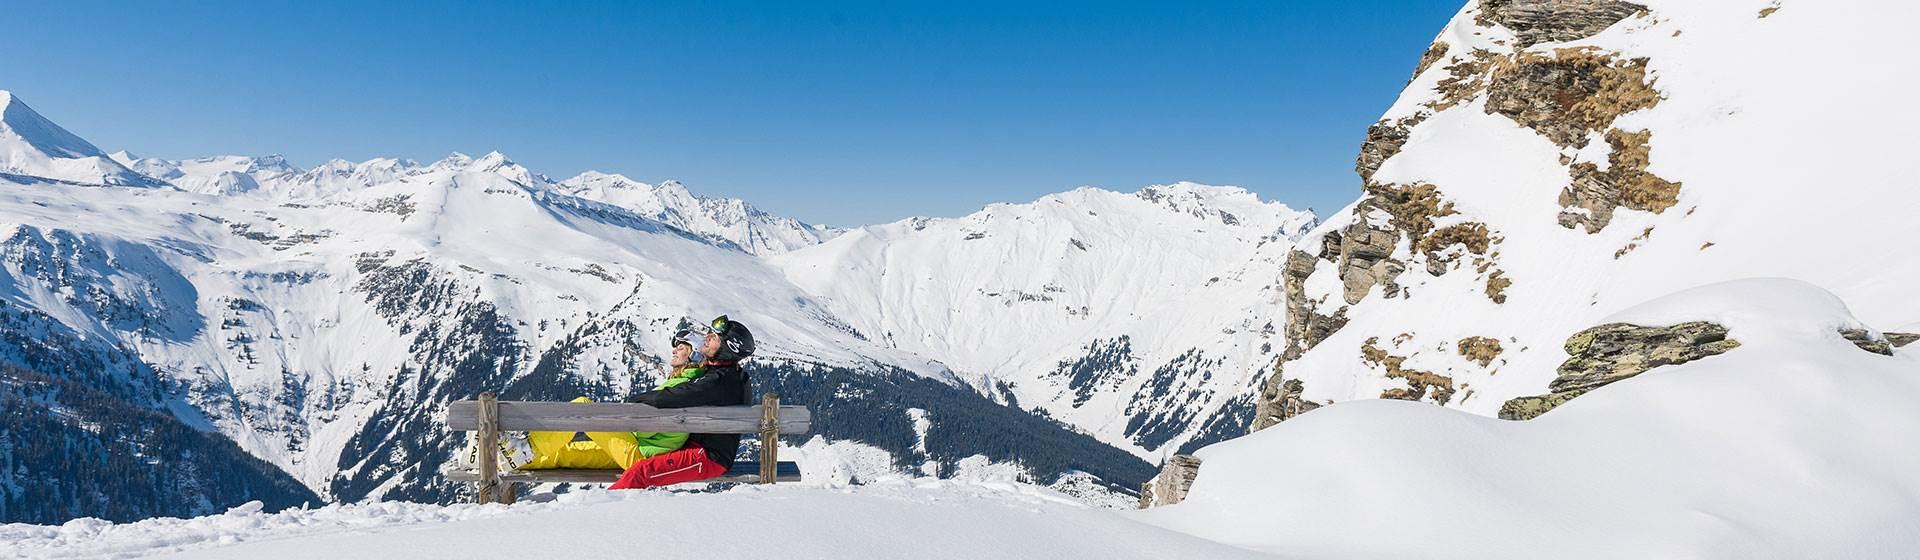 Paar relaxt im Winter auf einer Bank in den Bergen